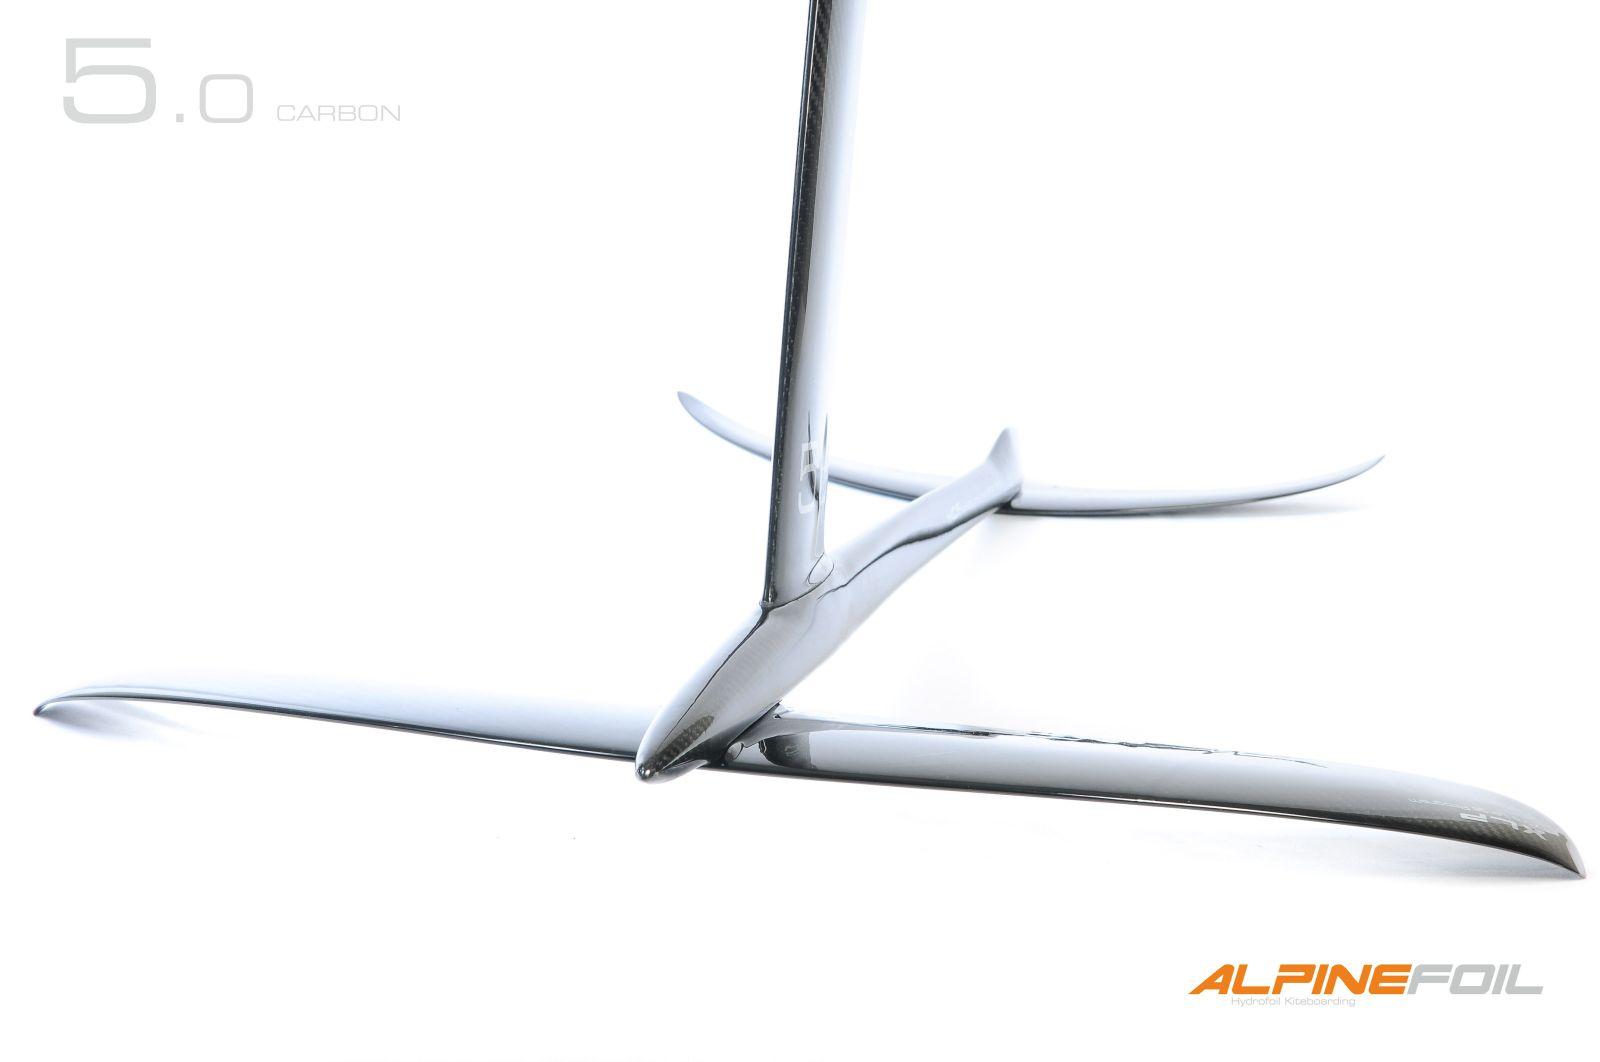 Kitefoil alpinefoil carbon 5 0 v2 1605 1